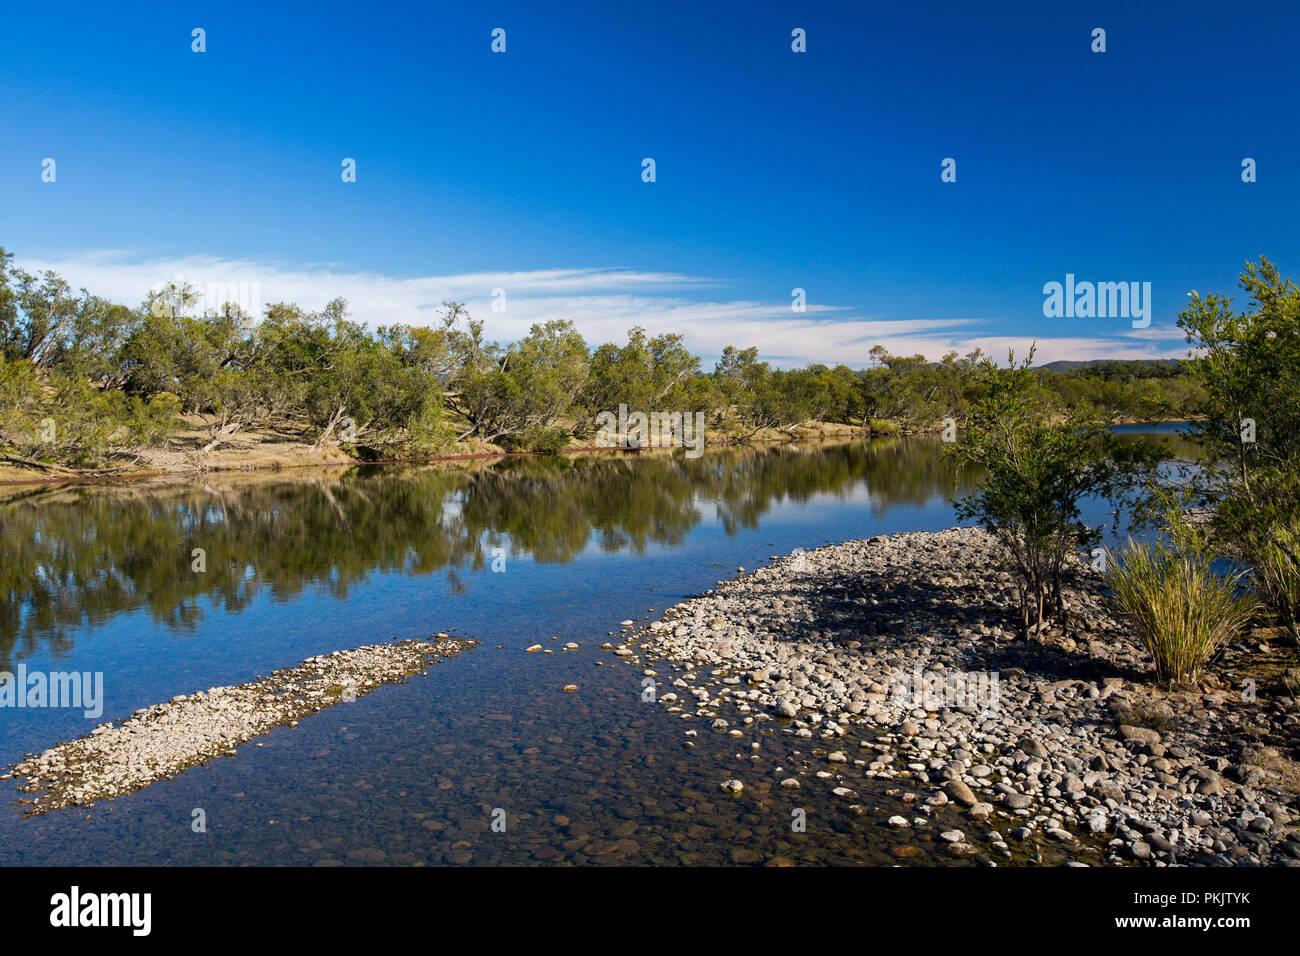 Calme acque blu del fiume Clarence affettatura attraverso la foresta paesaggio sotto il cielo blu nel nord del New South Wales AUSTRALIA Immagini Stock